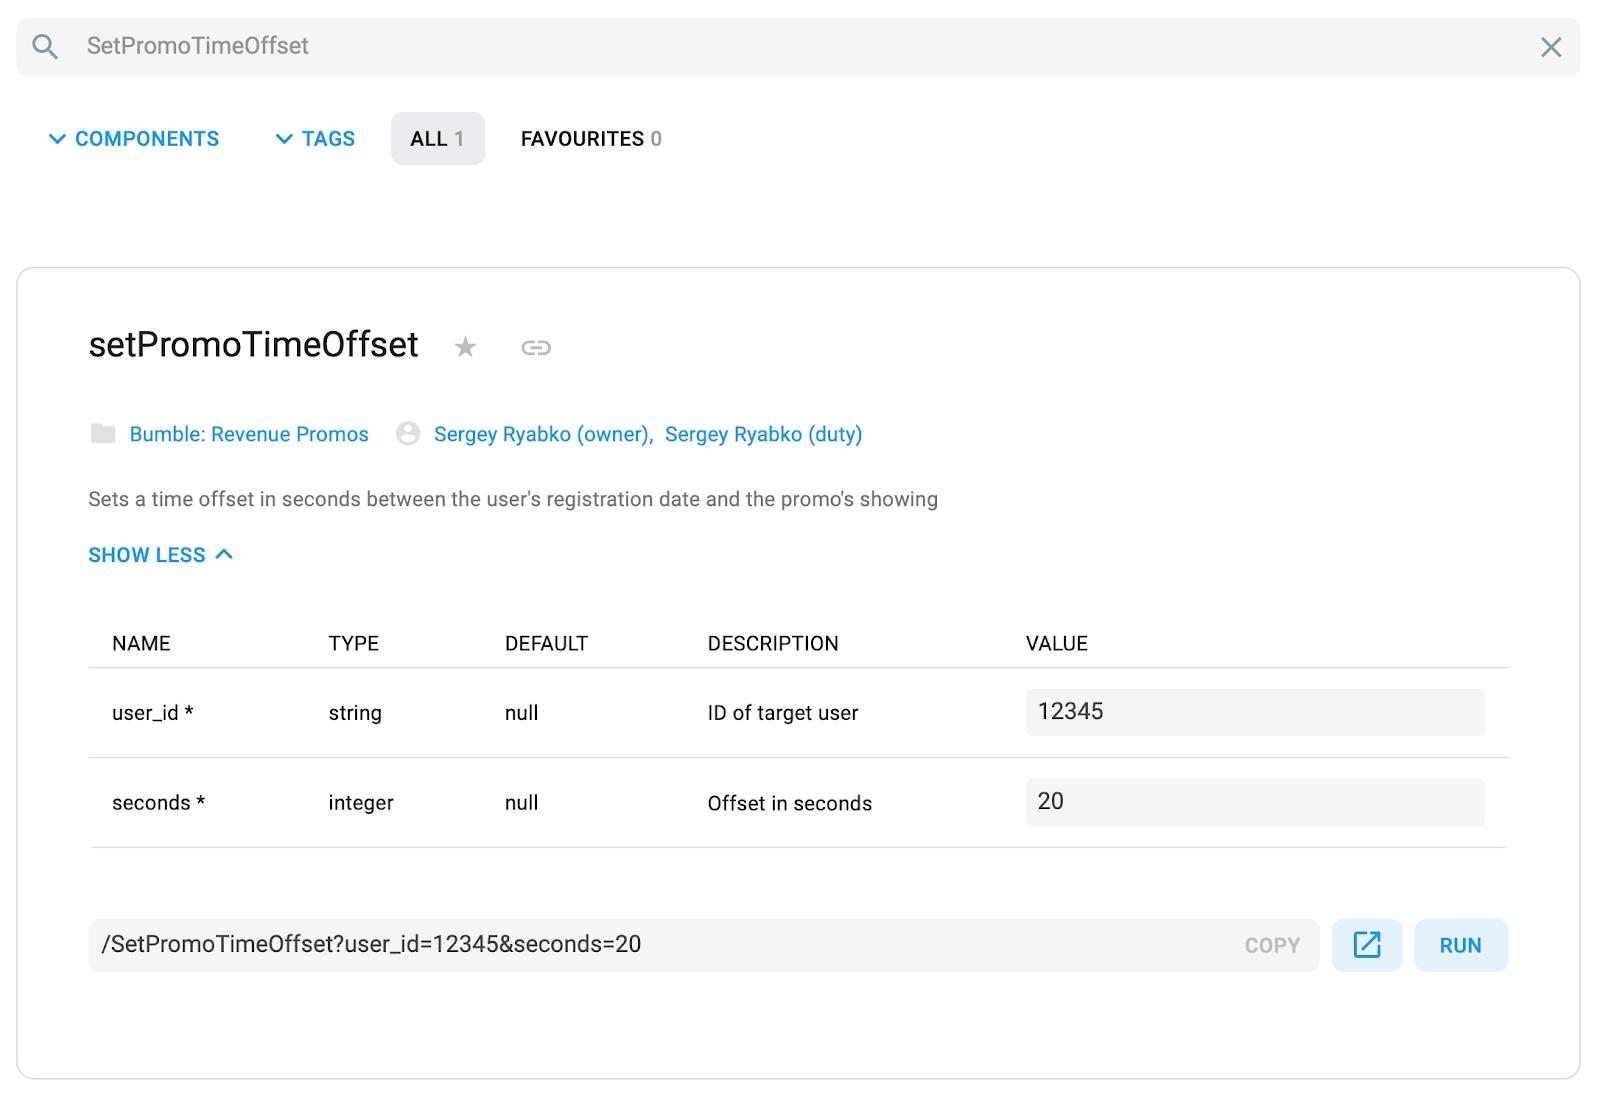 Пример автоматически сгенерированной документации